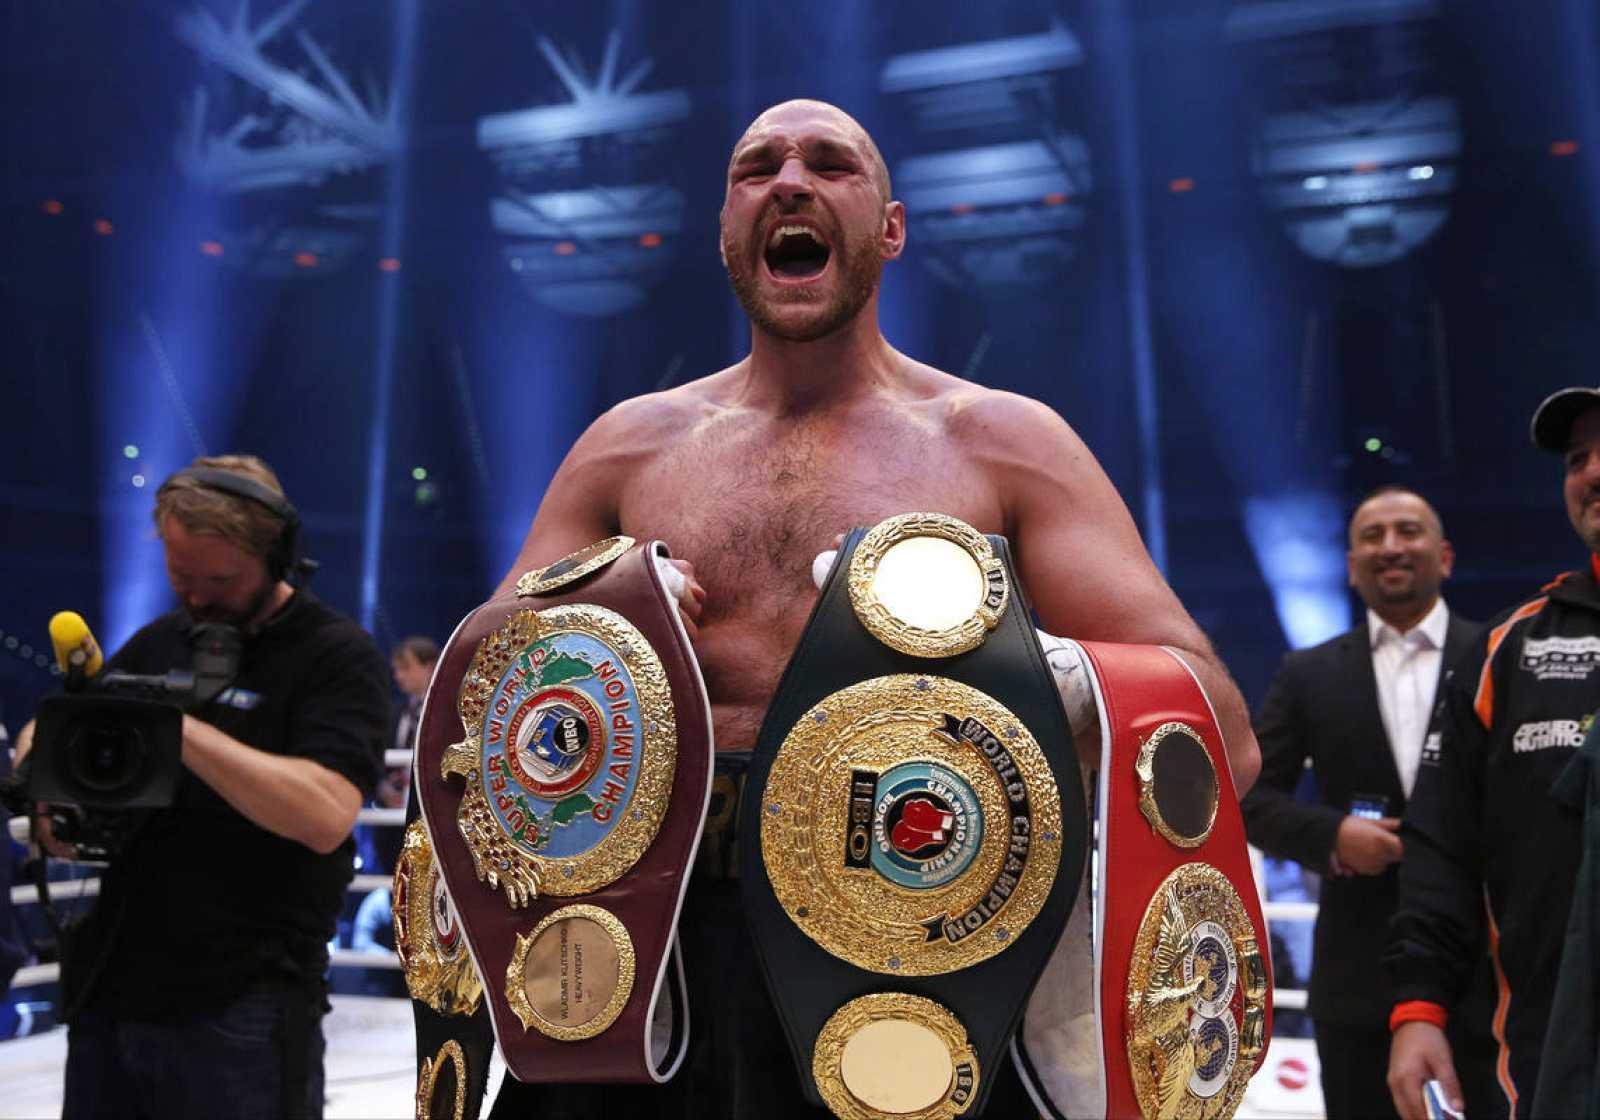 Tyson Fury posa con sus cinturones de campeón tras derrotar a Wladimir Klitschko.